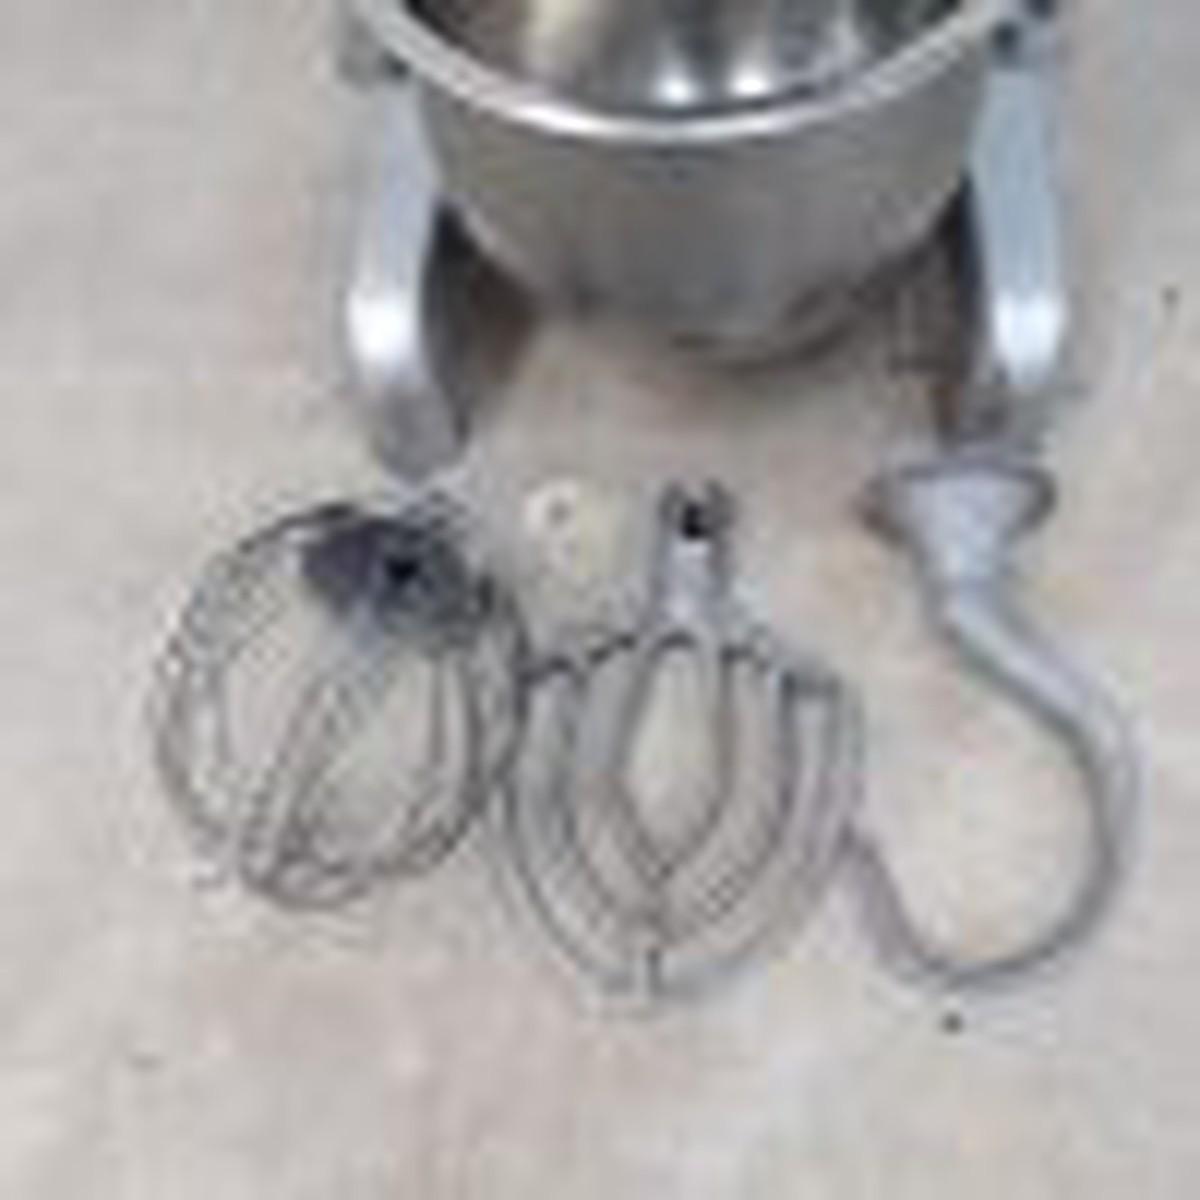 Secondhand Catering Equipment | Mixers | Hobart 20QT Mixer ...